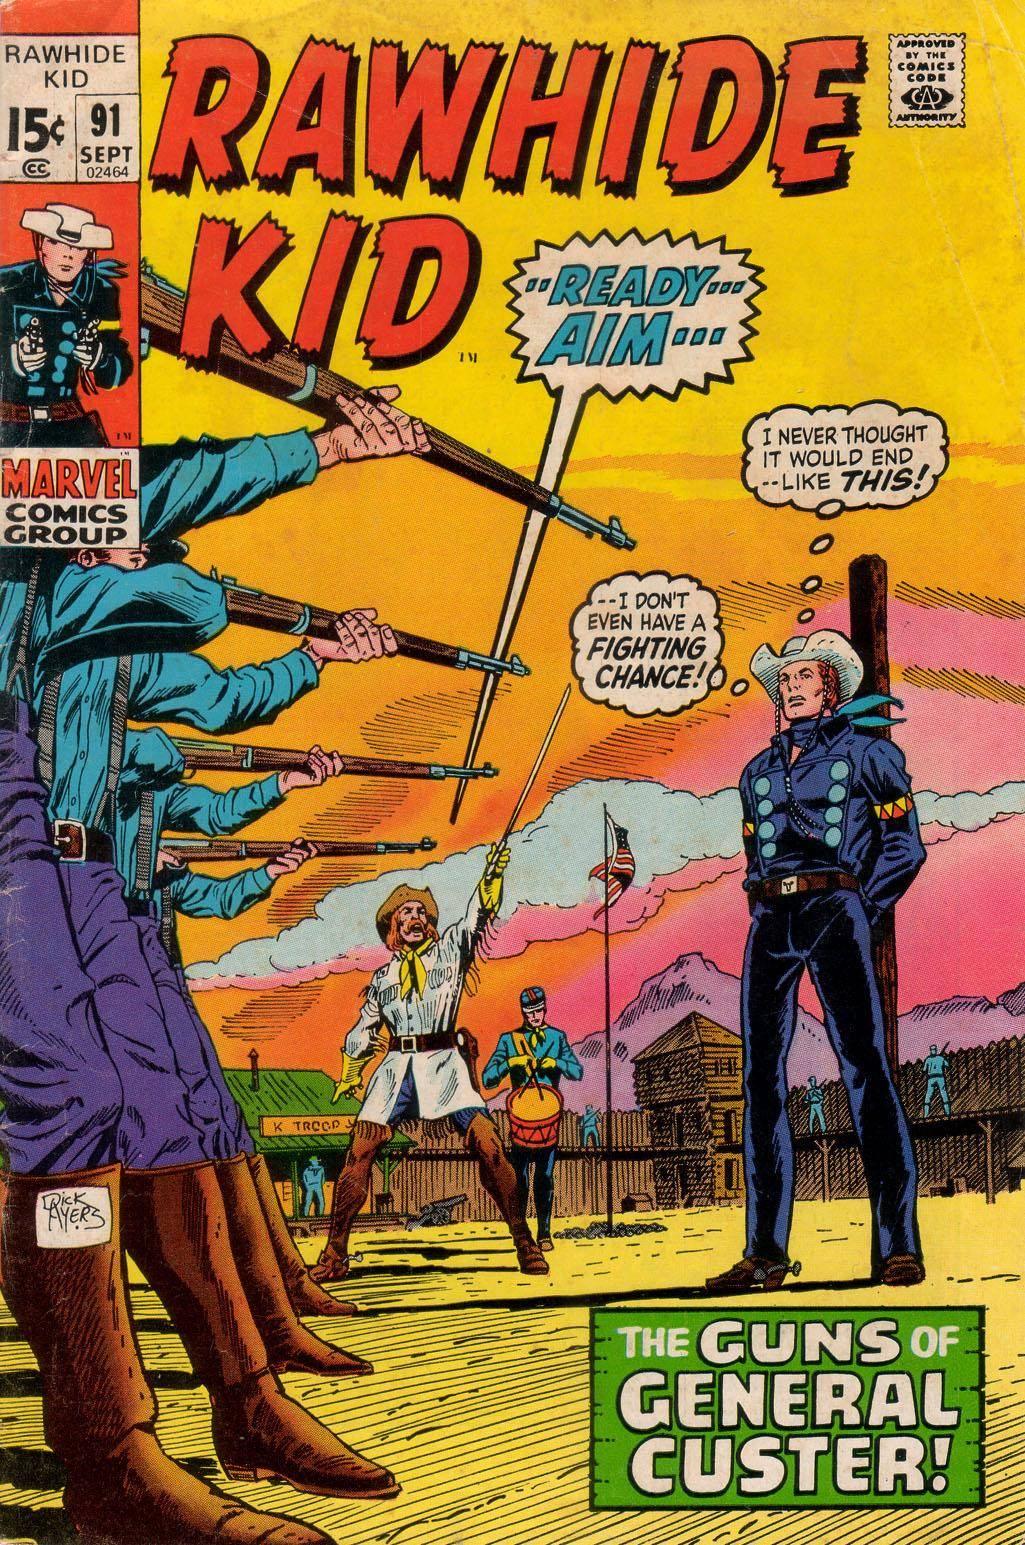 Rawhide Kid v1 091 1971